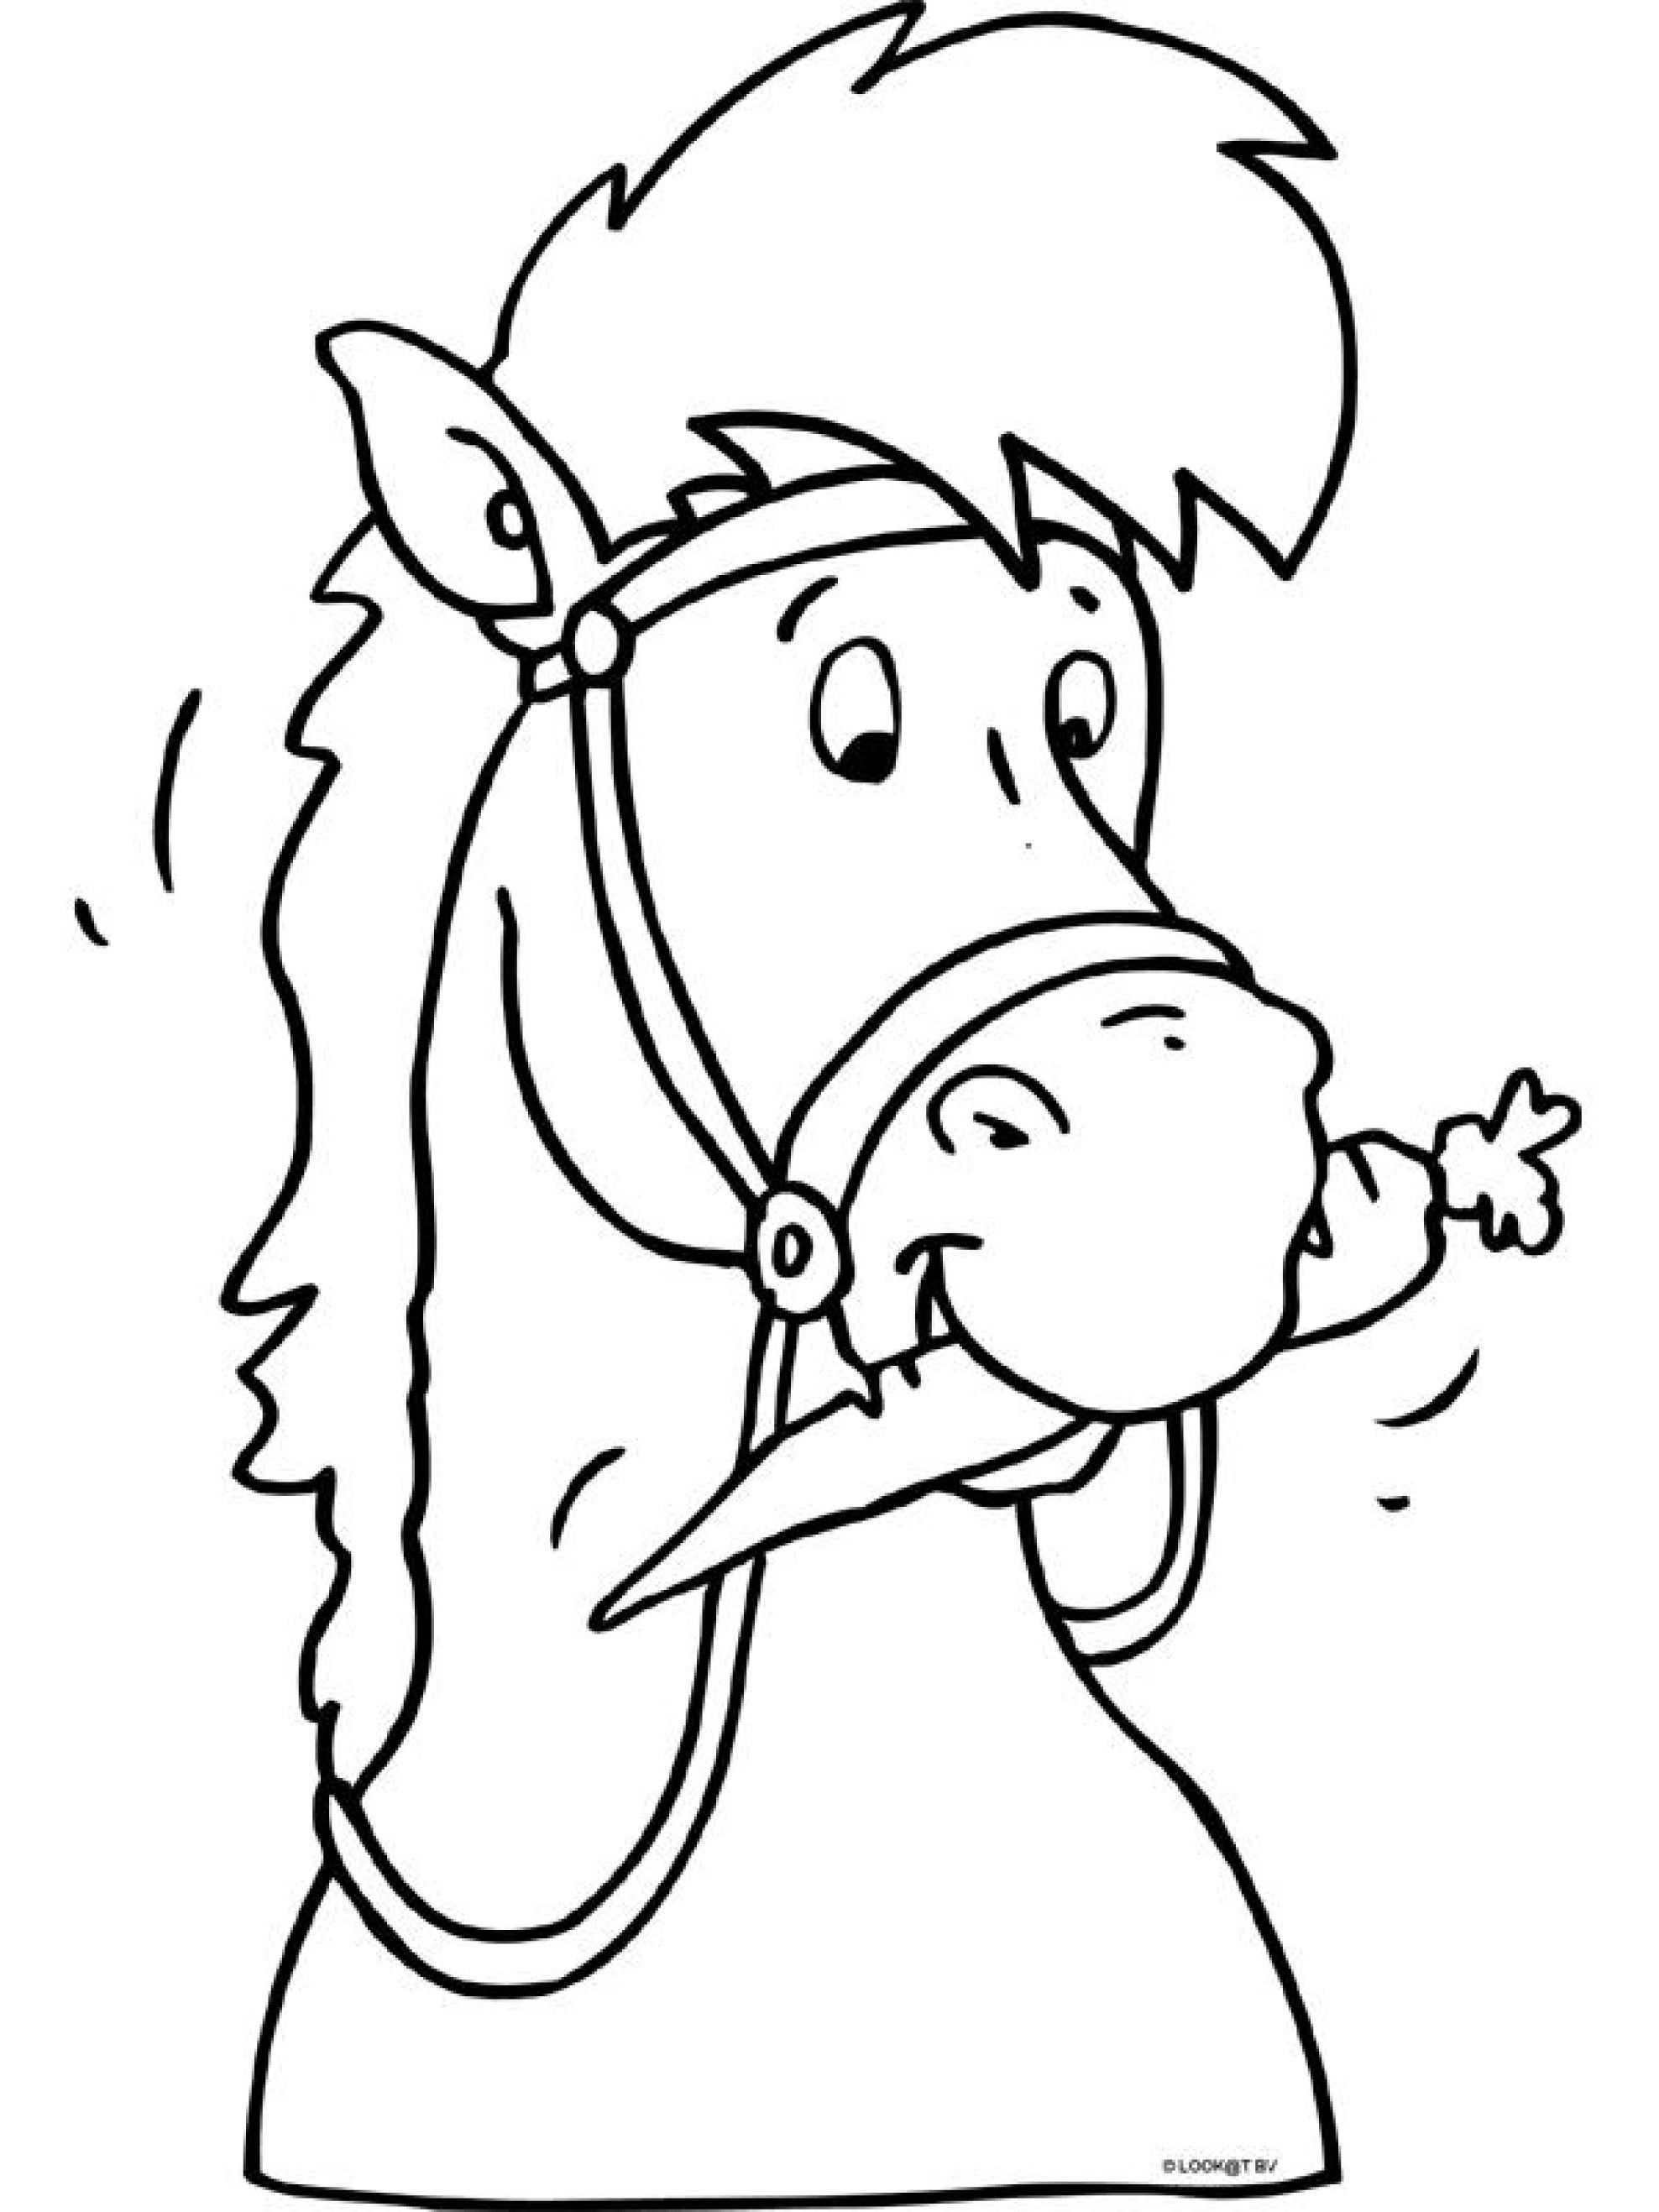 Kleurplaat Sinterklaas Knutselen Sinterklaas Sinterklaas Paard Knutselen Kinderen